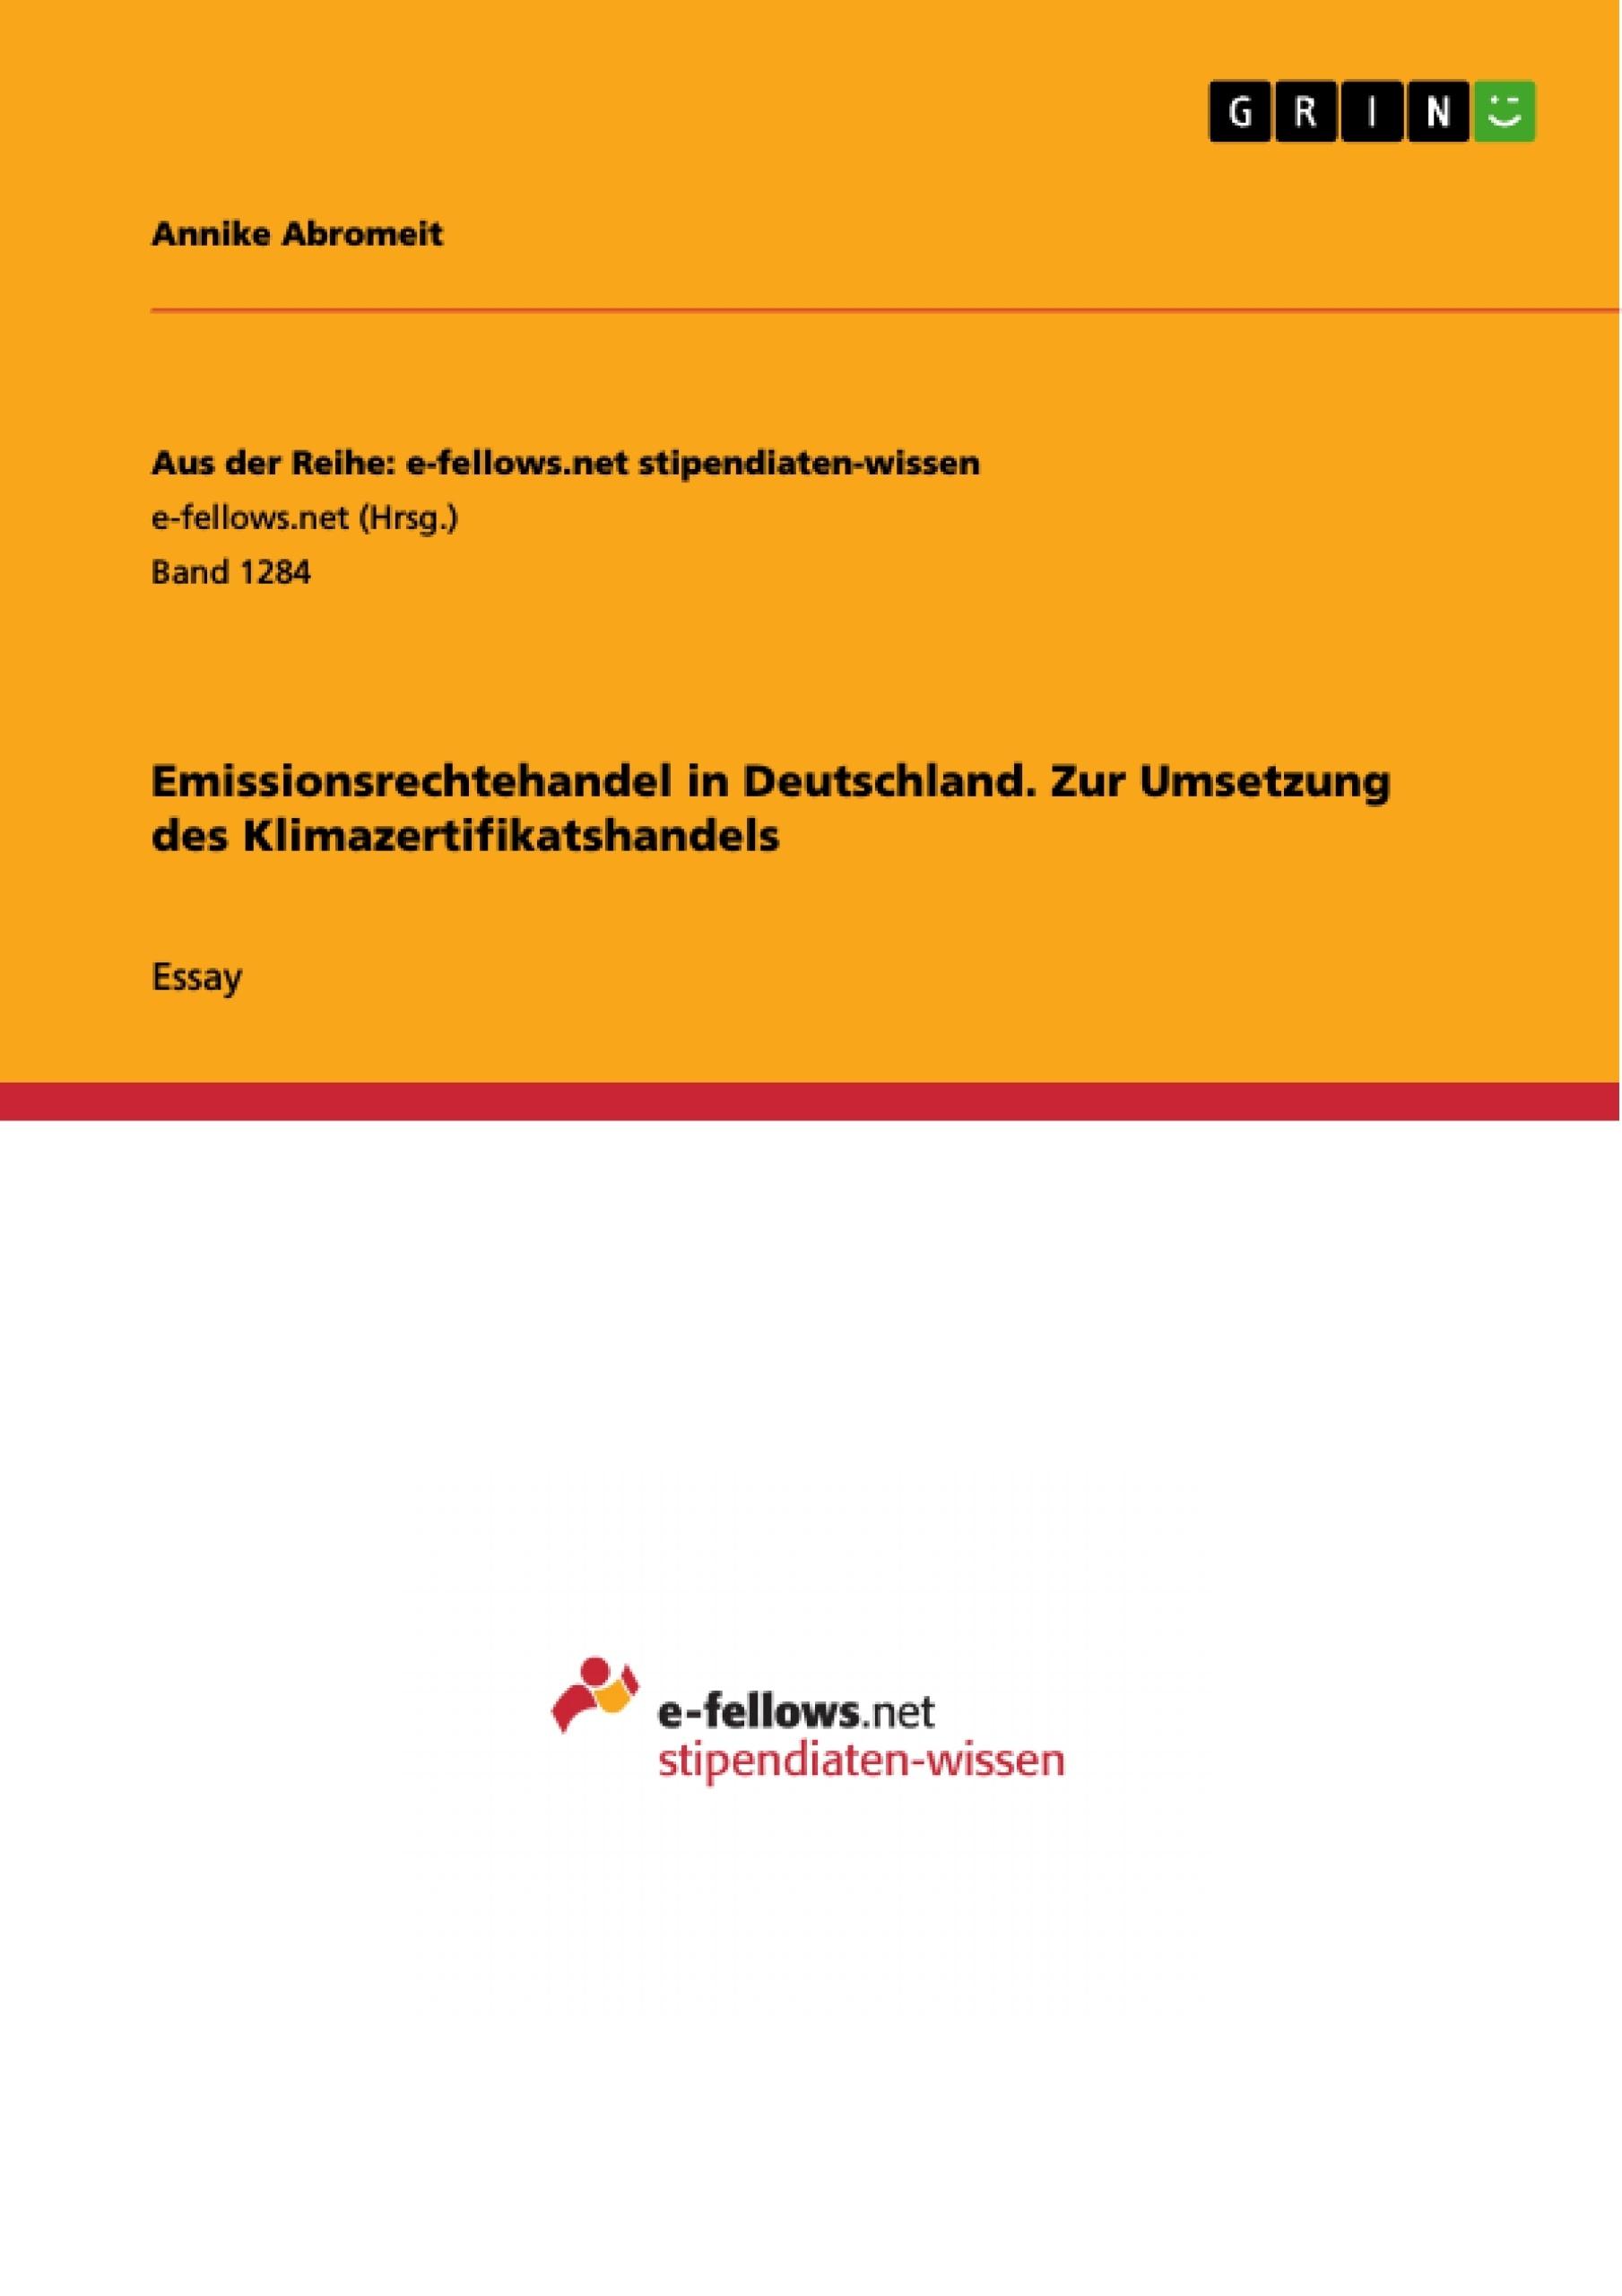 Titel: Emissionsrechtehandel in Deutschland. Zur Umsetzung des Klimazertifikatshandels